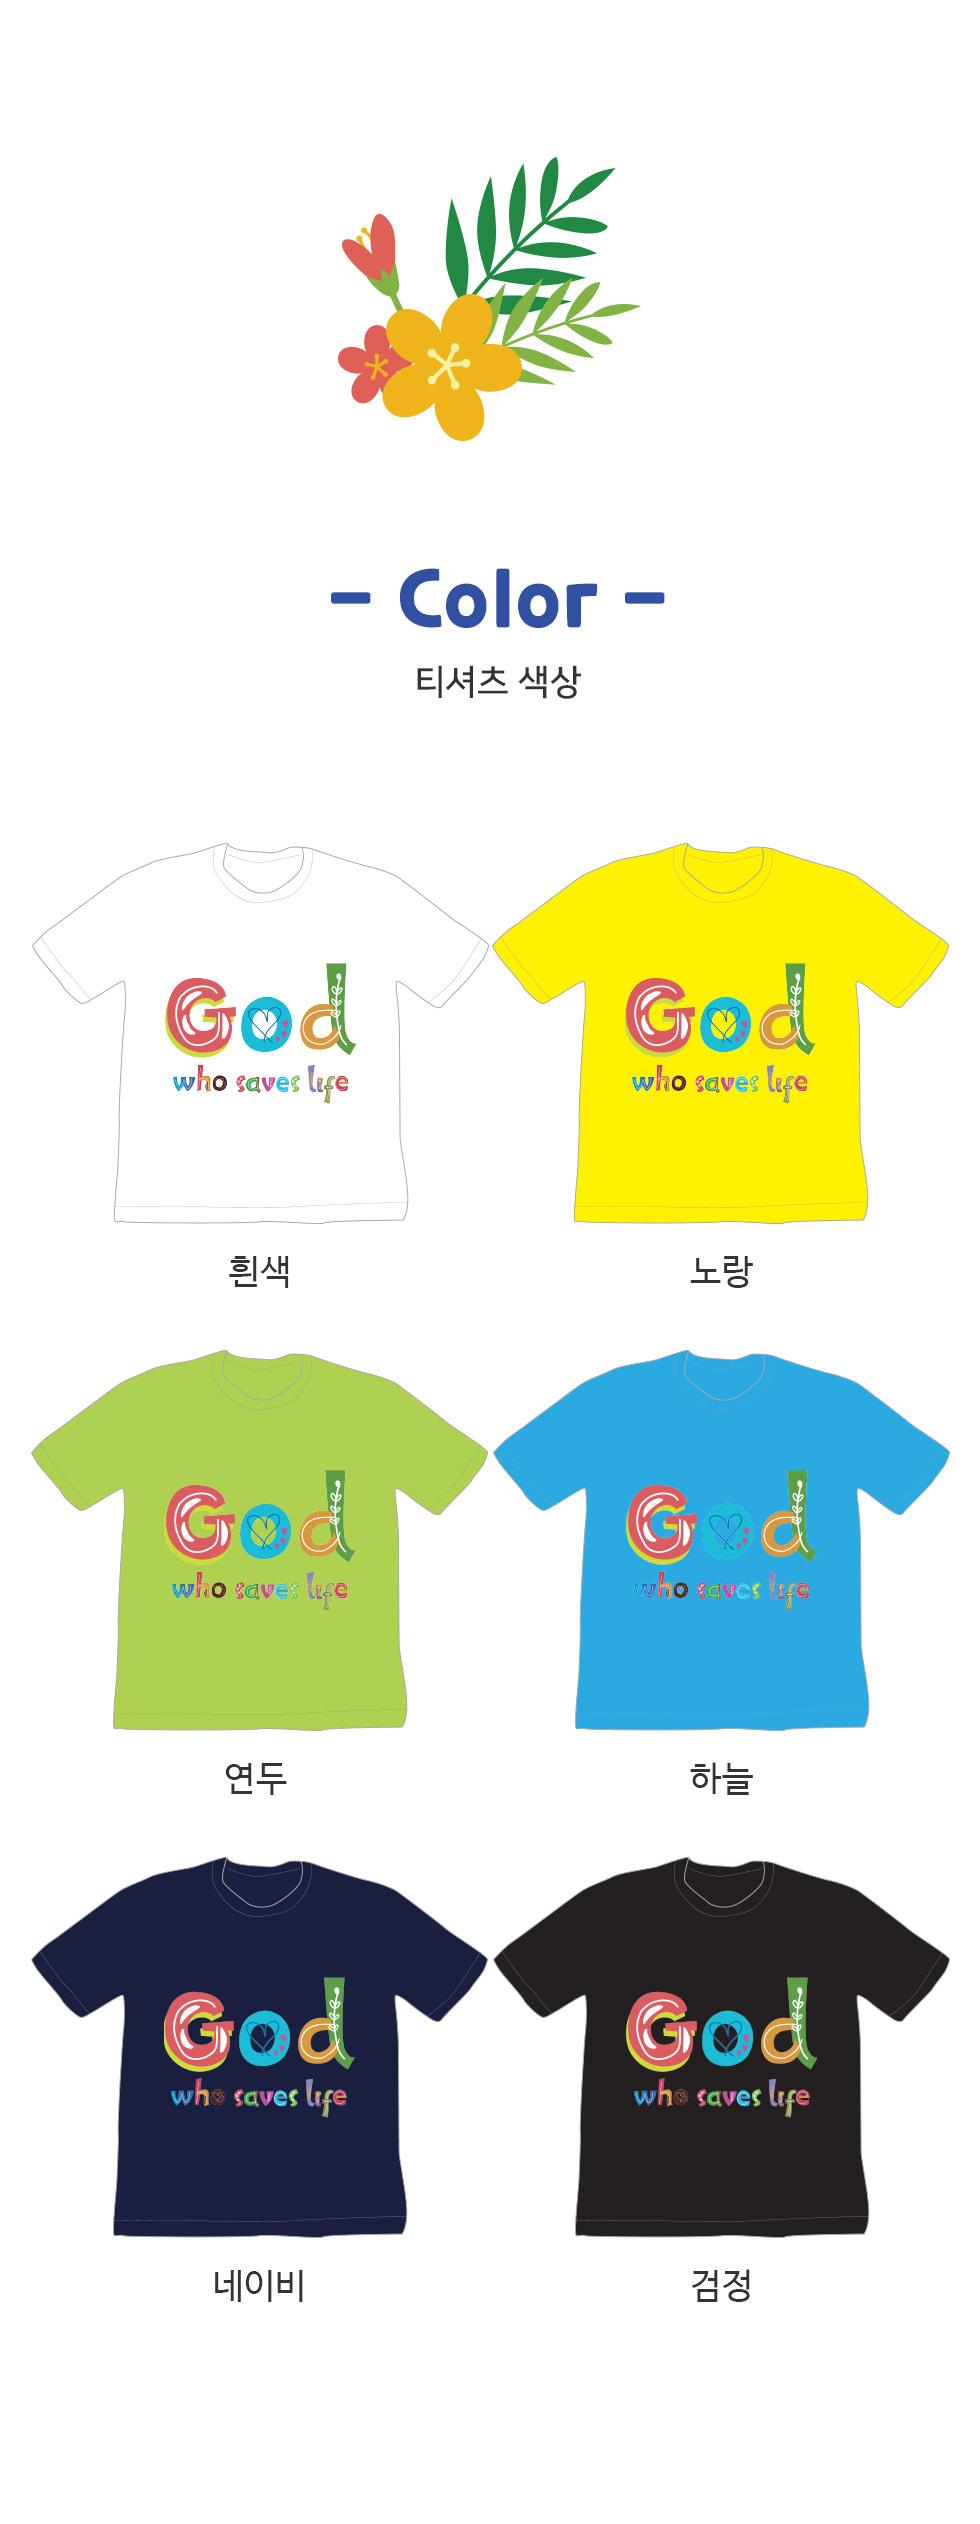 생명을 살리시는 하나님, God who saves life - 성인티셔츠(갓세라) 티셔츠 색상보기